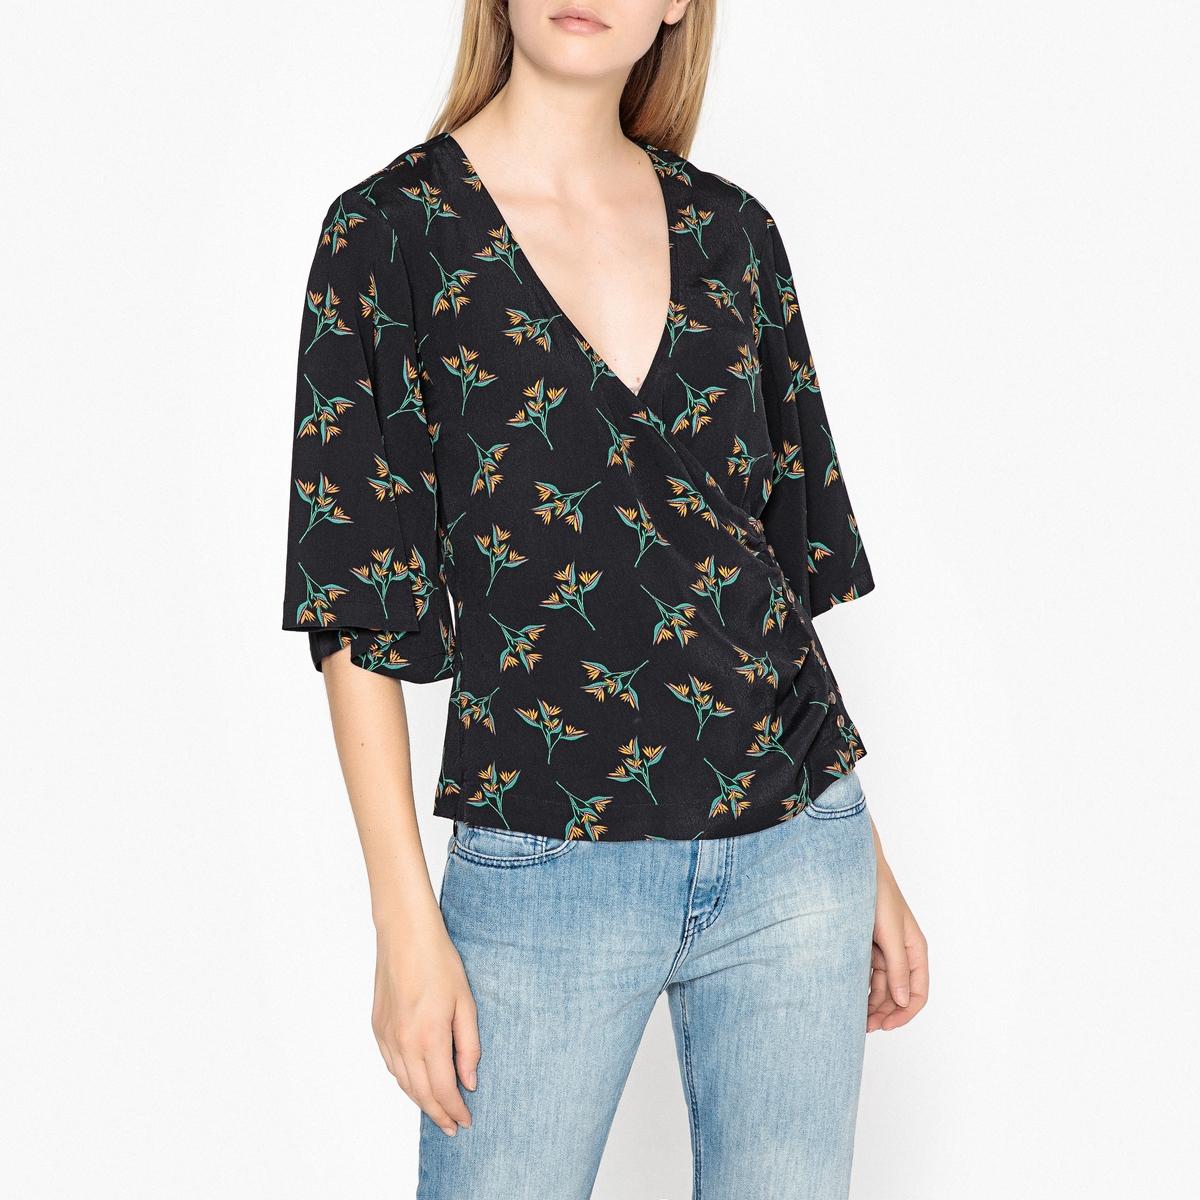 Блузка с V-образным вырезом и короткими рукавами FERDY блузка кружевная с короткими рукавами